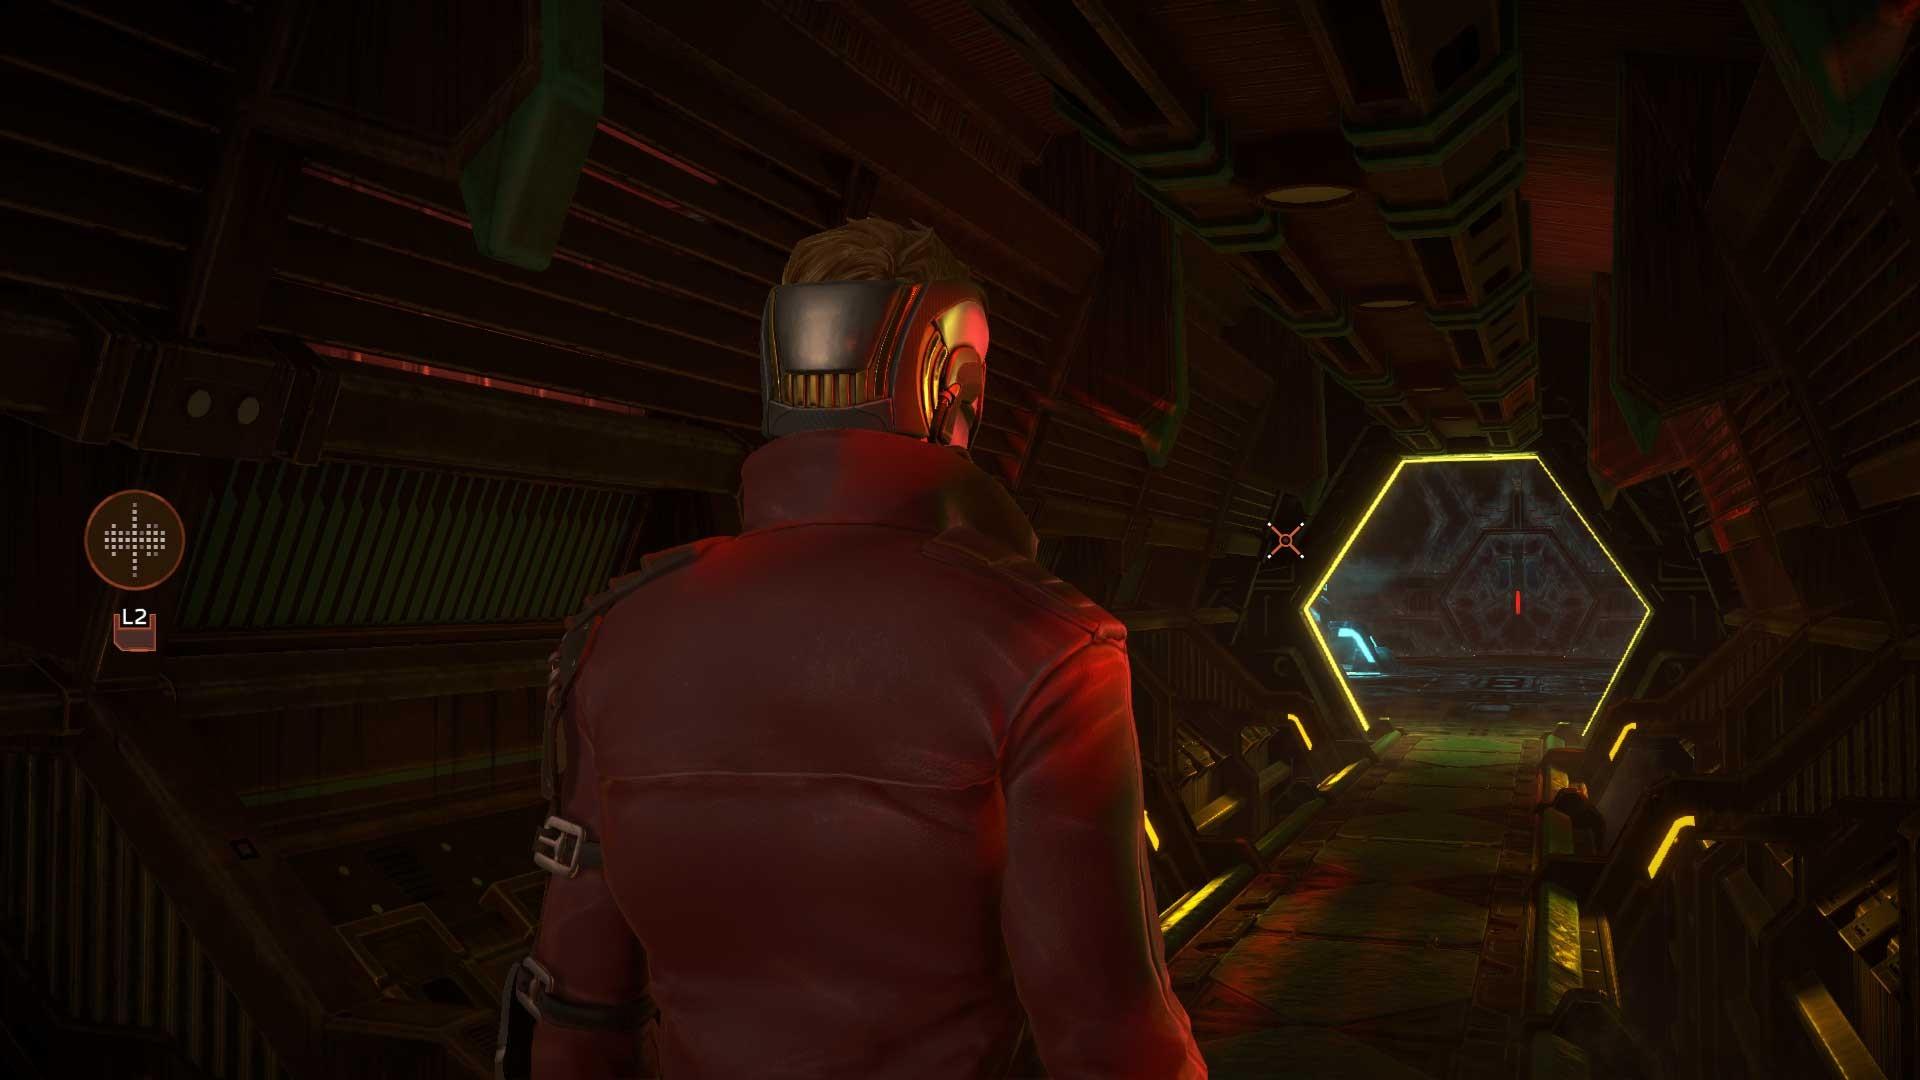 پاسداری از کهکشان | نقد و بررسی اپیزود اول بازی Guardians of the Galaxy: The Telltale Series